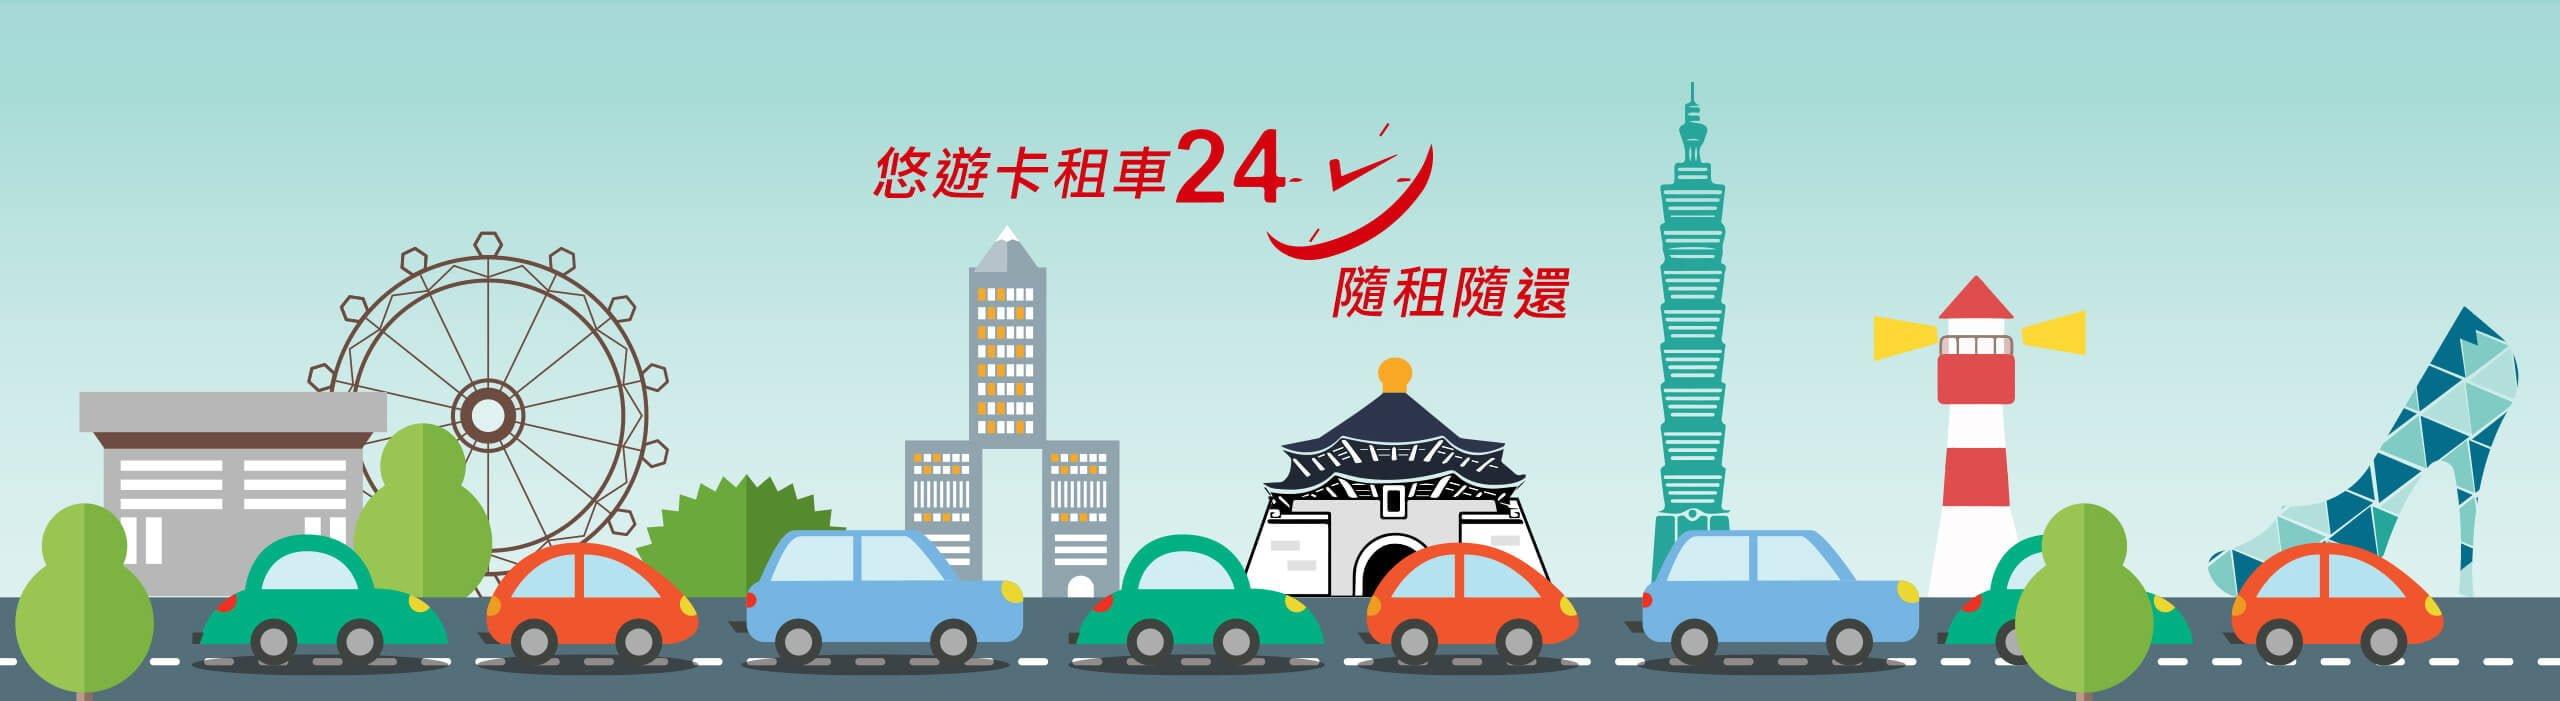 和運租車 iRent平日租汽車每小時 99 元暑假優惠促銷